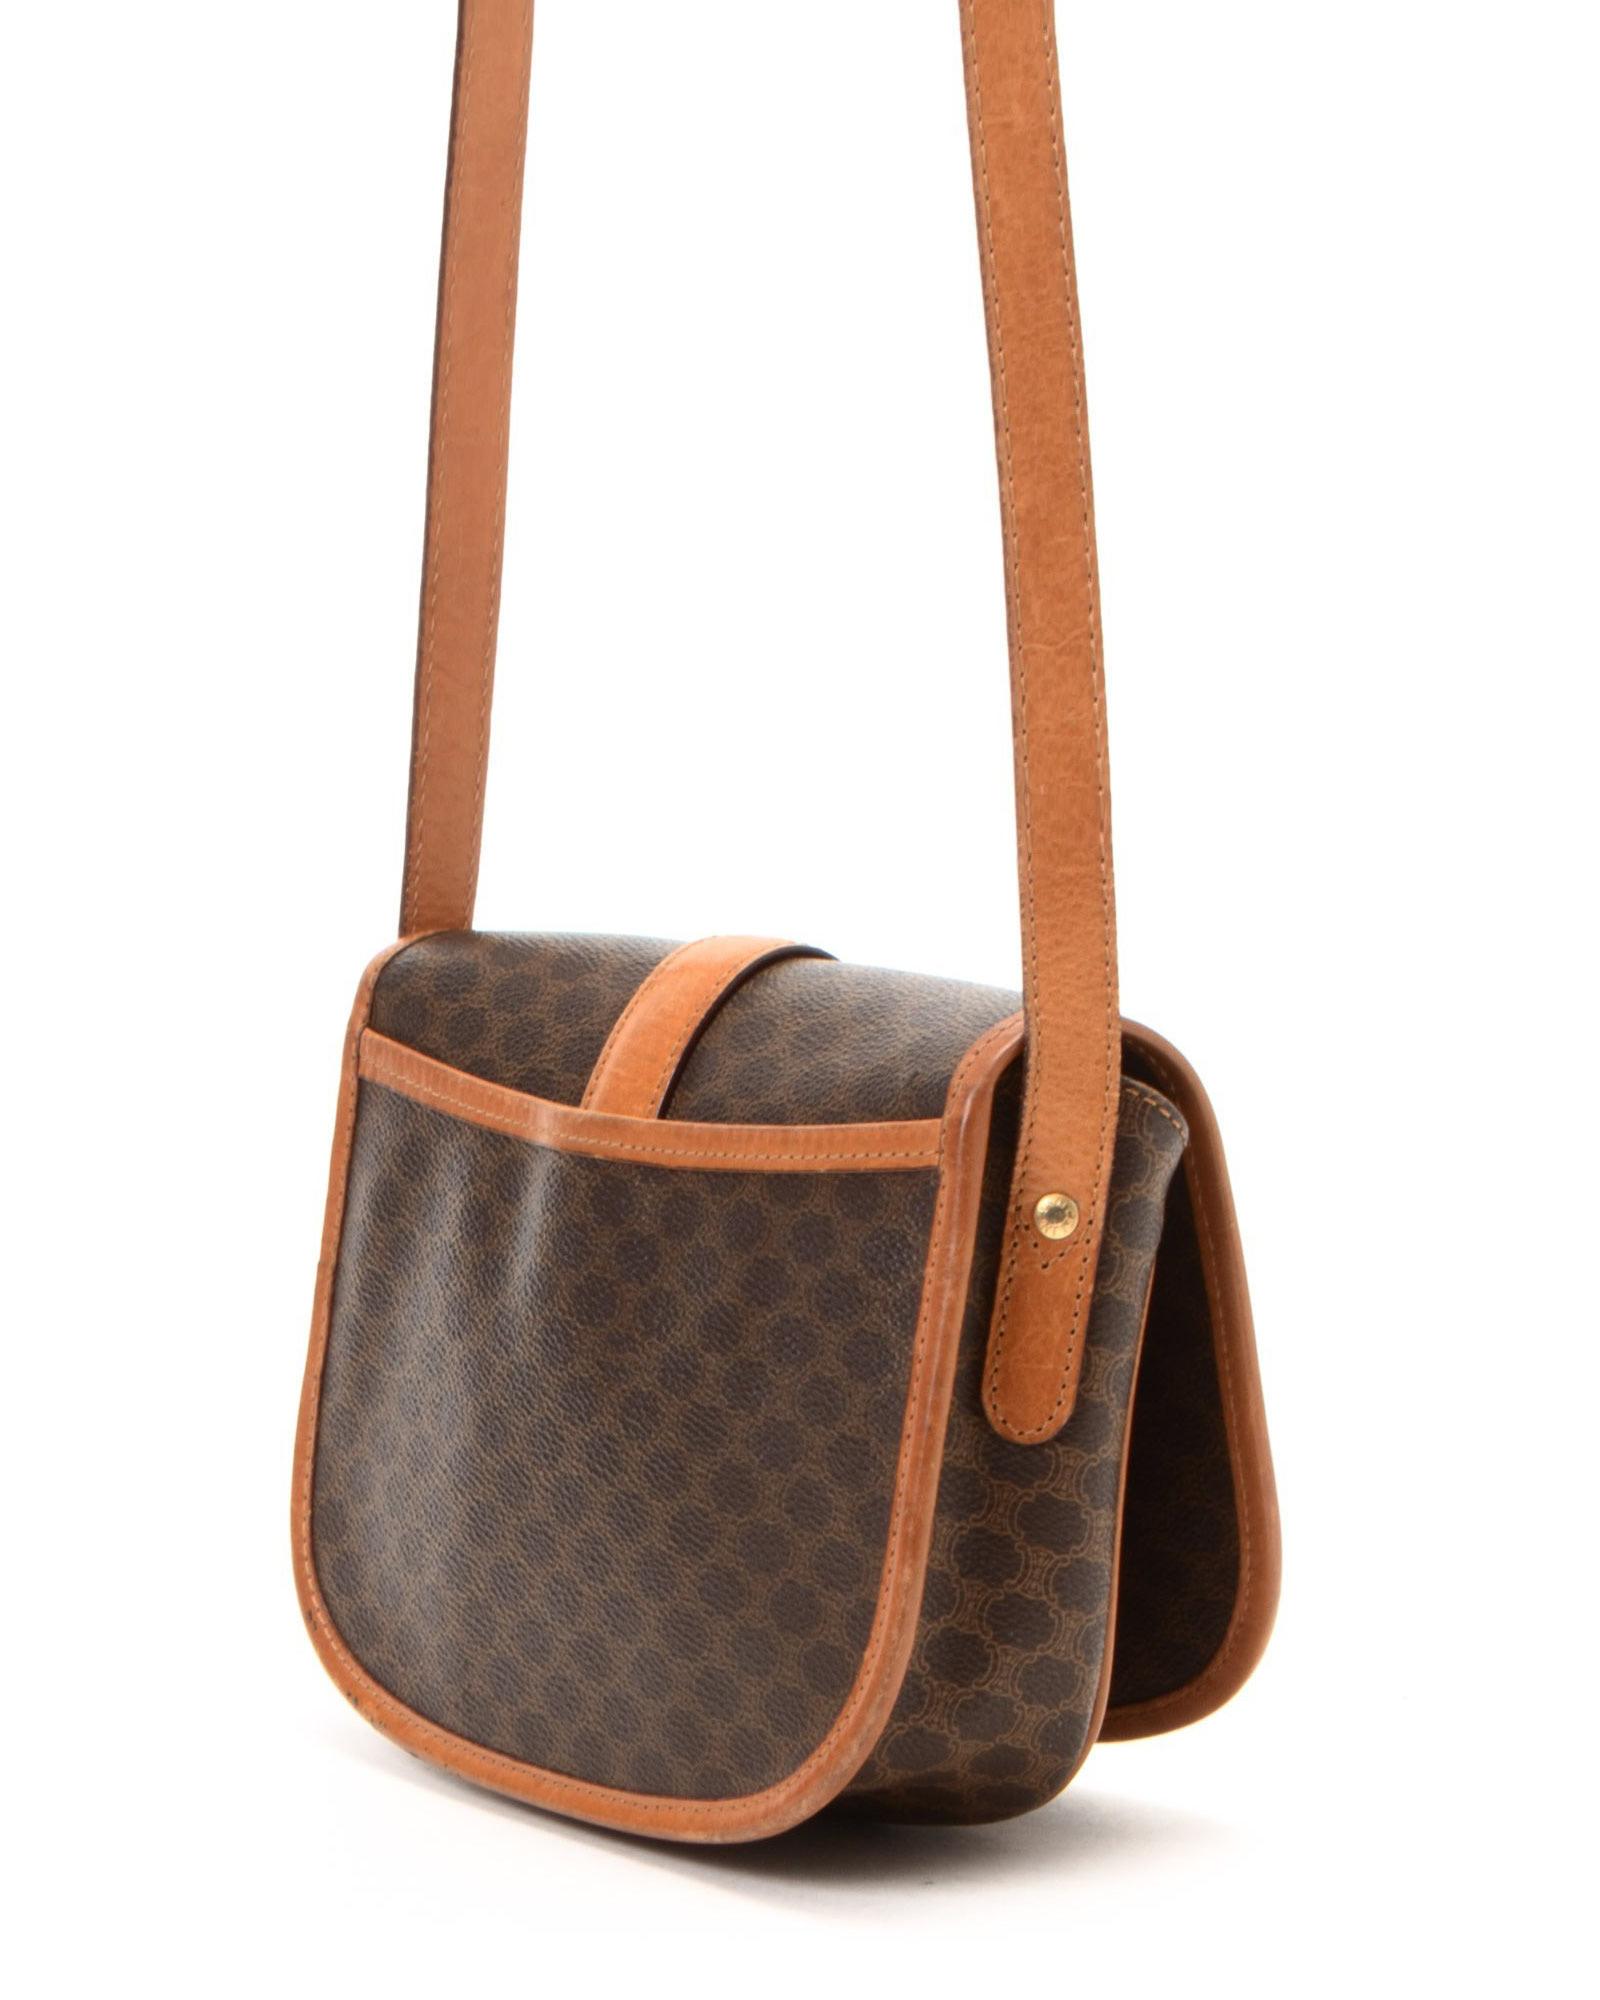 celine bag look alike - celine vintage burgundy bag/pouch